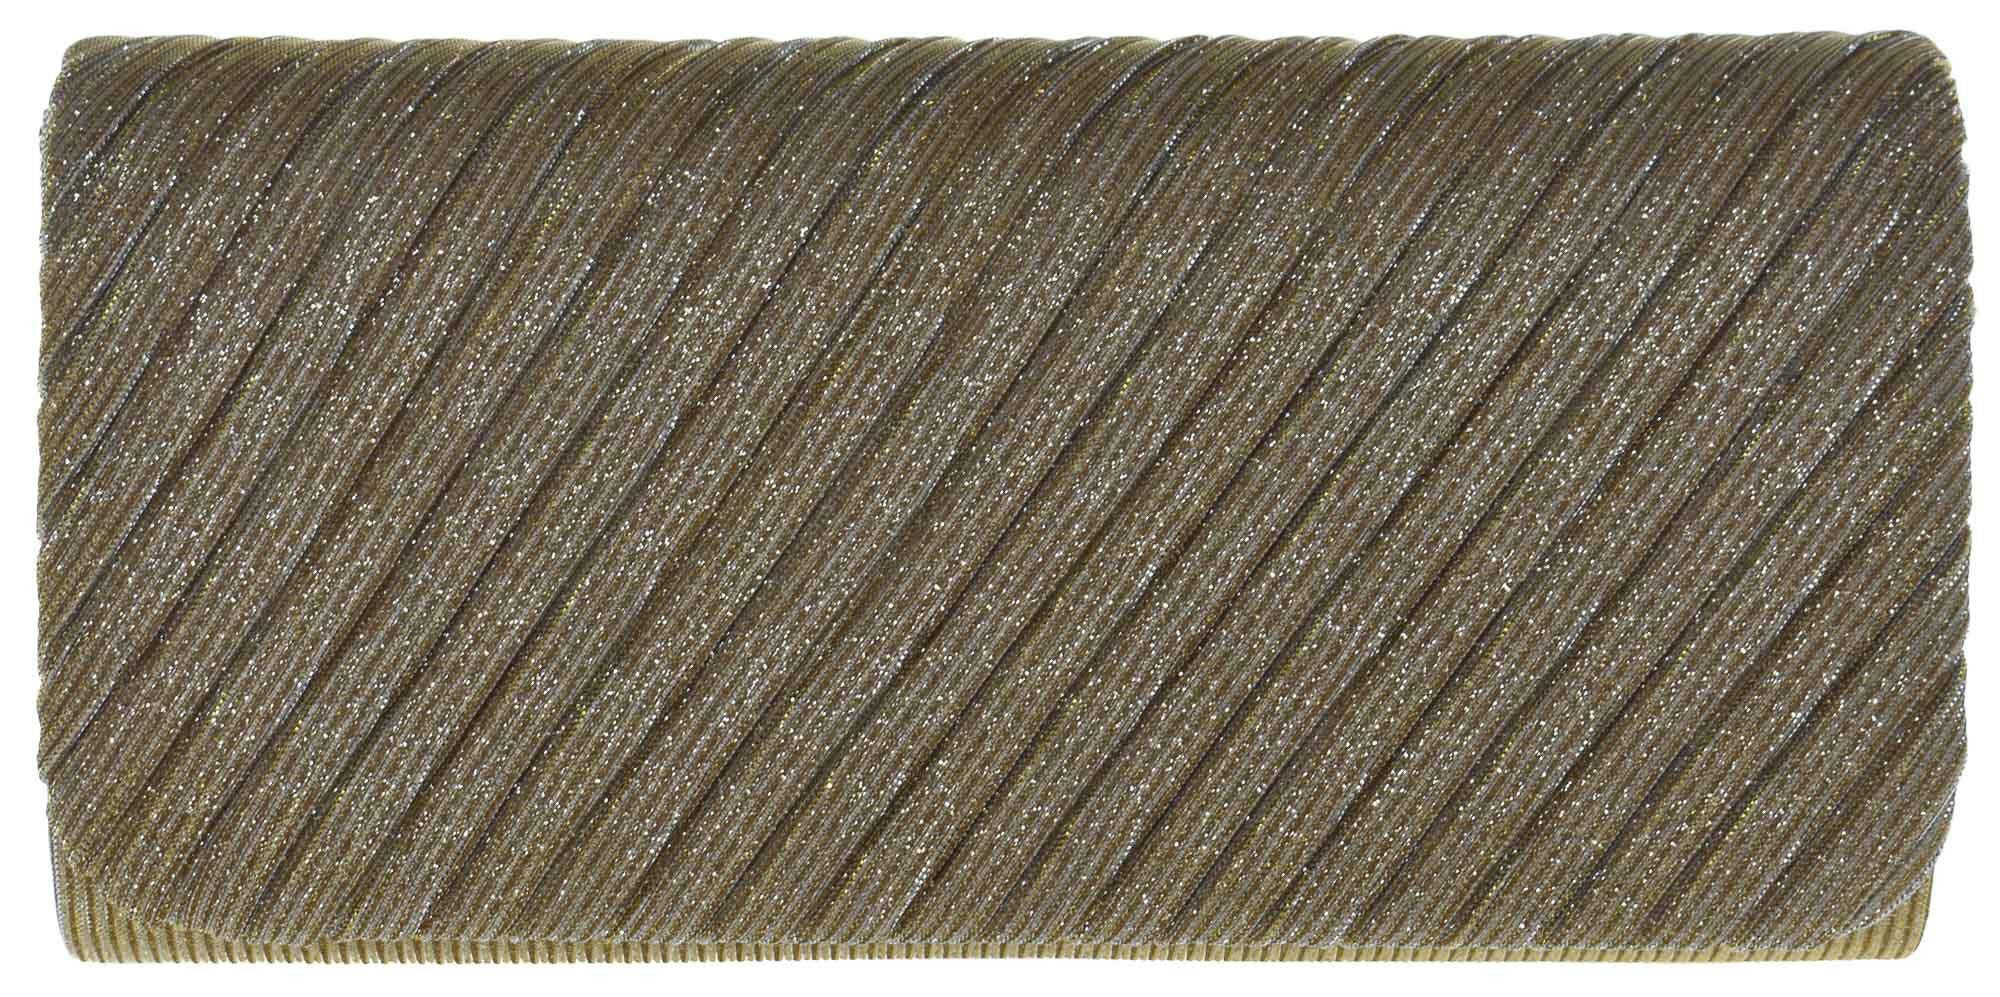 Carteira Clutch Glitter e Textura